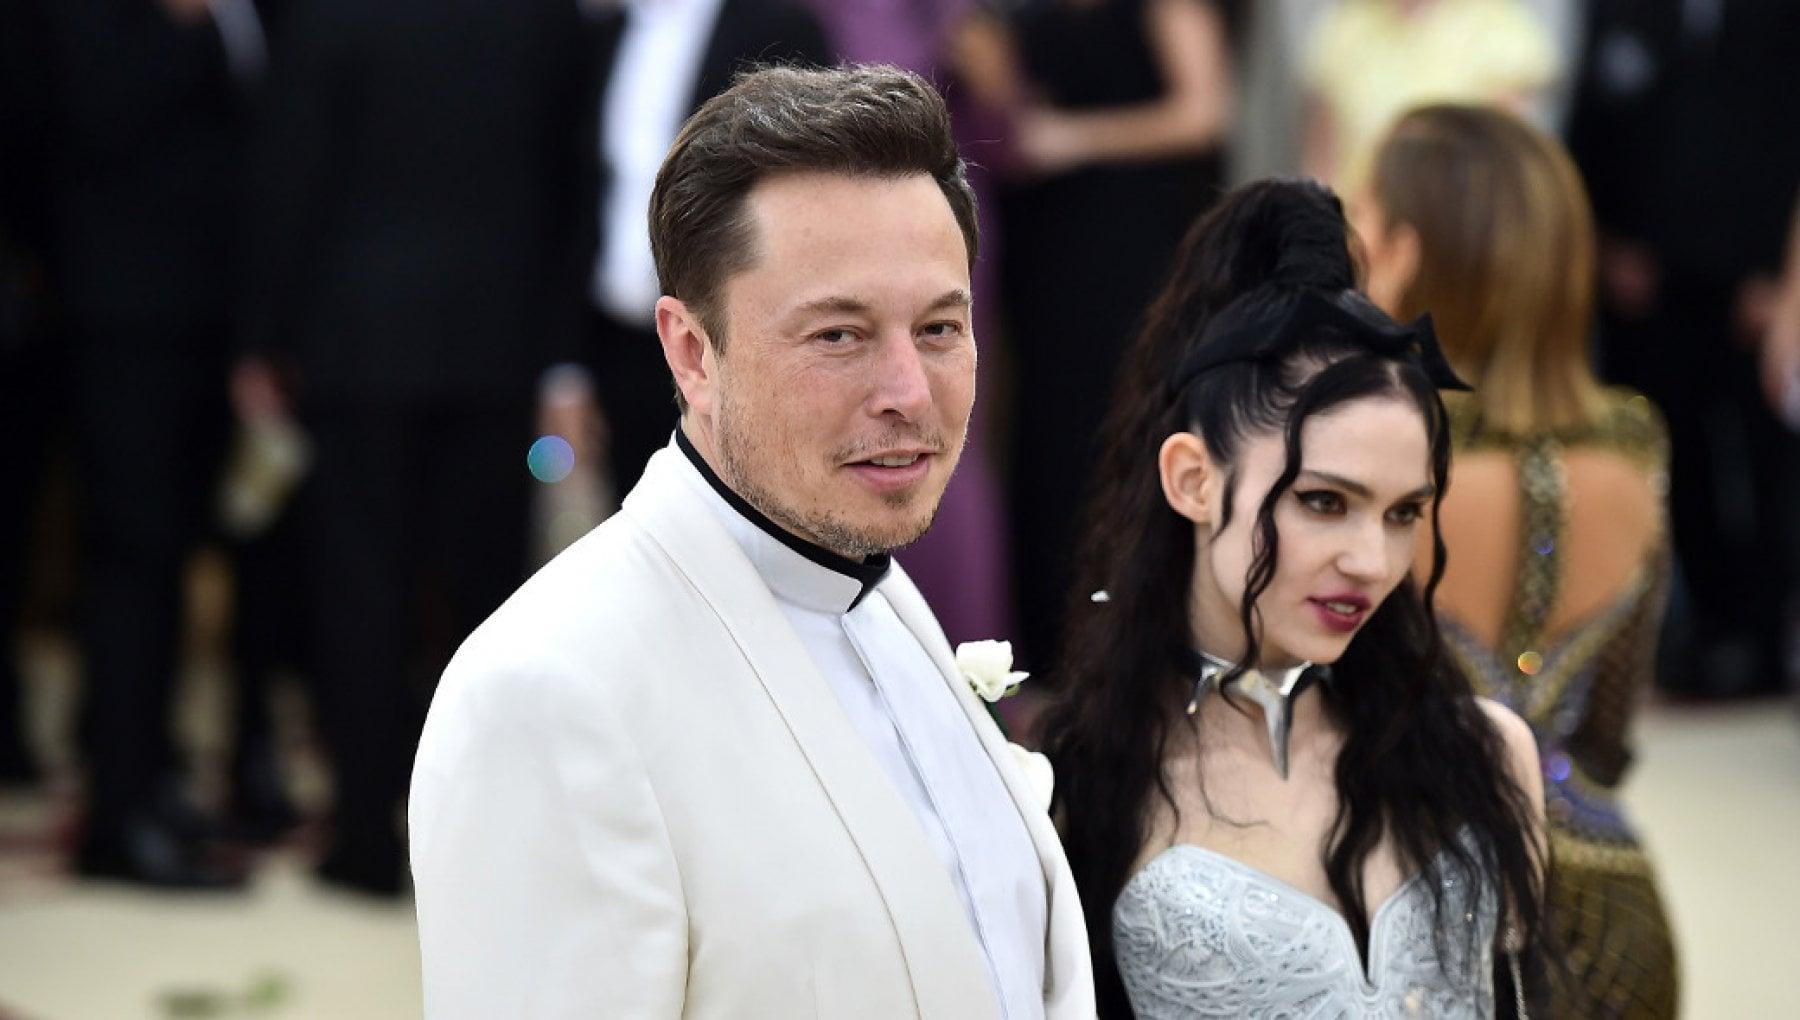 020951996 7f1ff31c b256 440f b9b3 e23ad19b5b69 - Elon Musk e la cantante Grimes si lasciano dopo tre anni